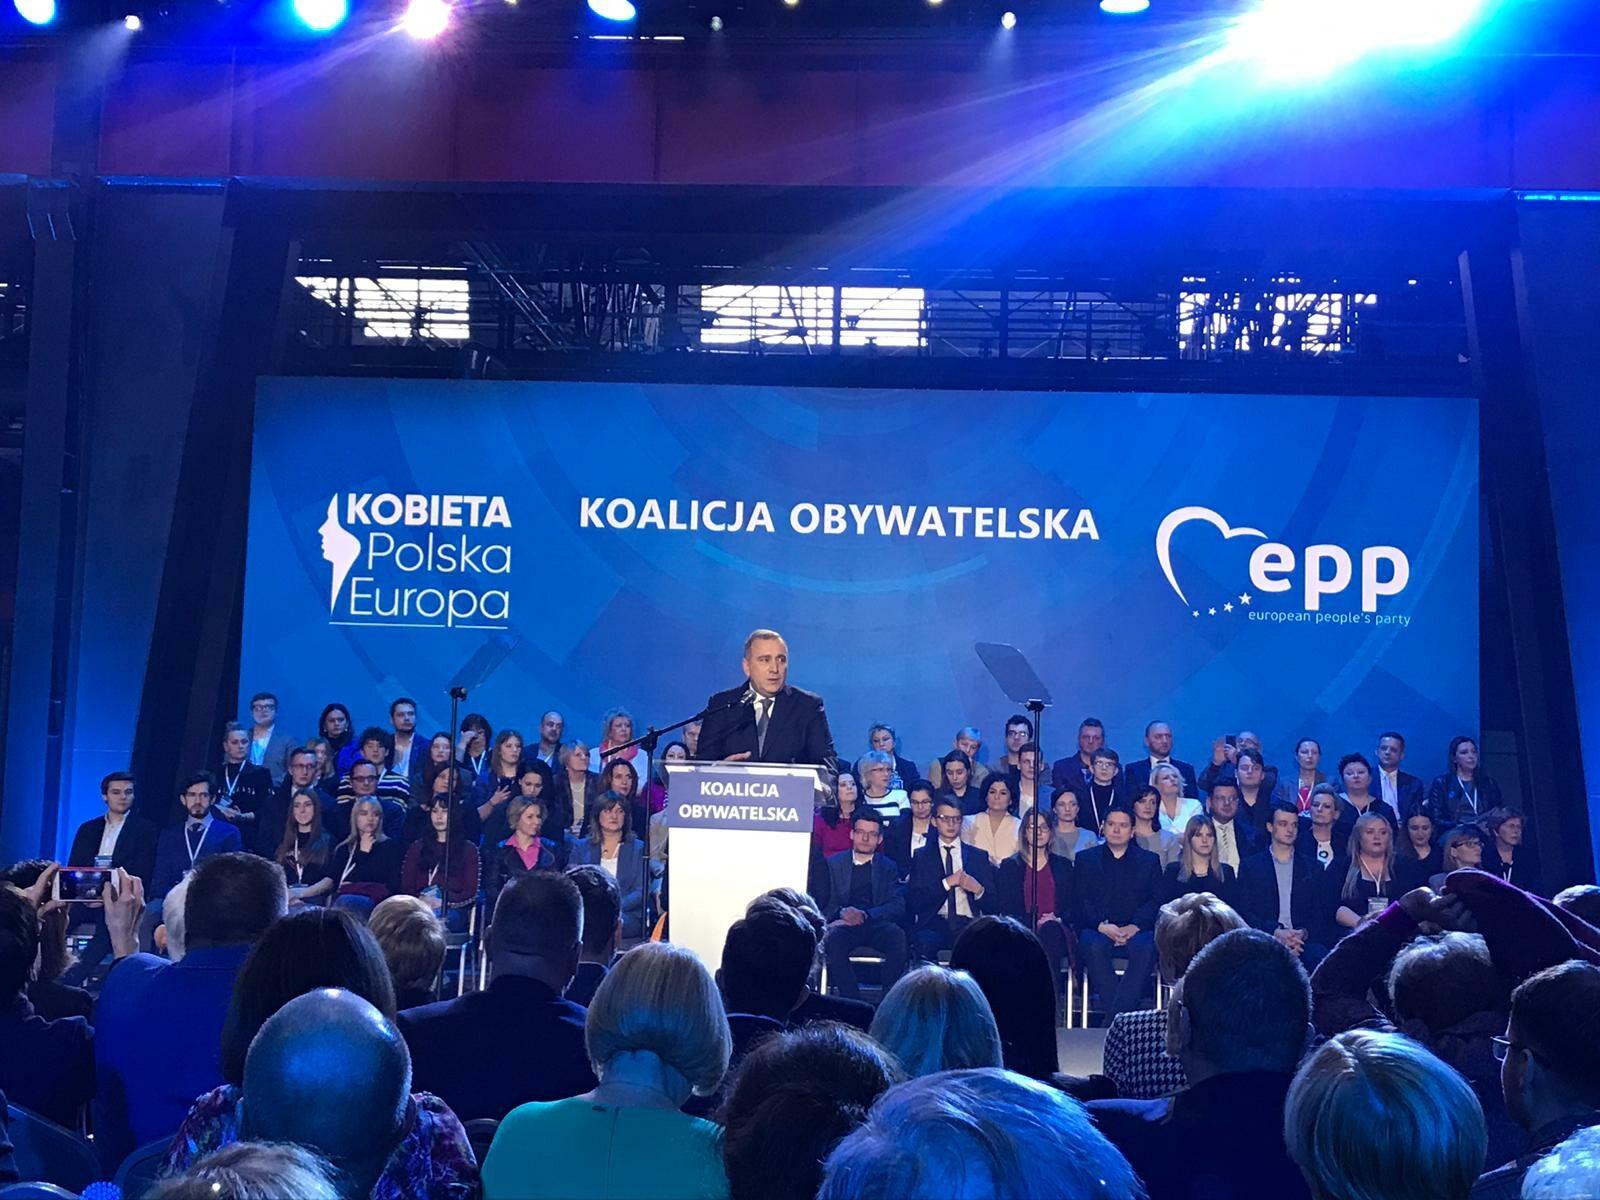 Konwencja Koalicji Obywatelskiej